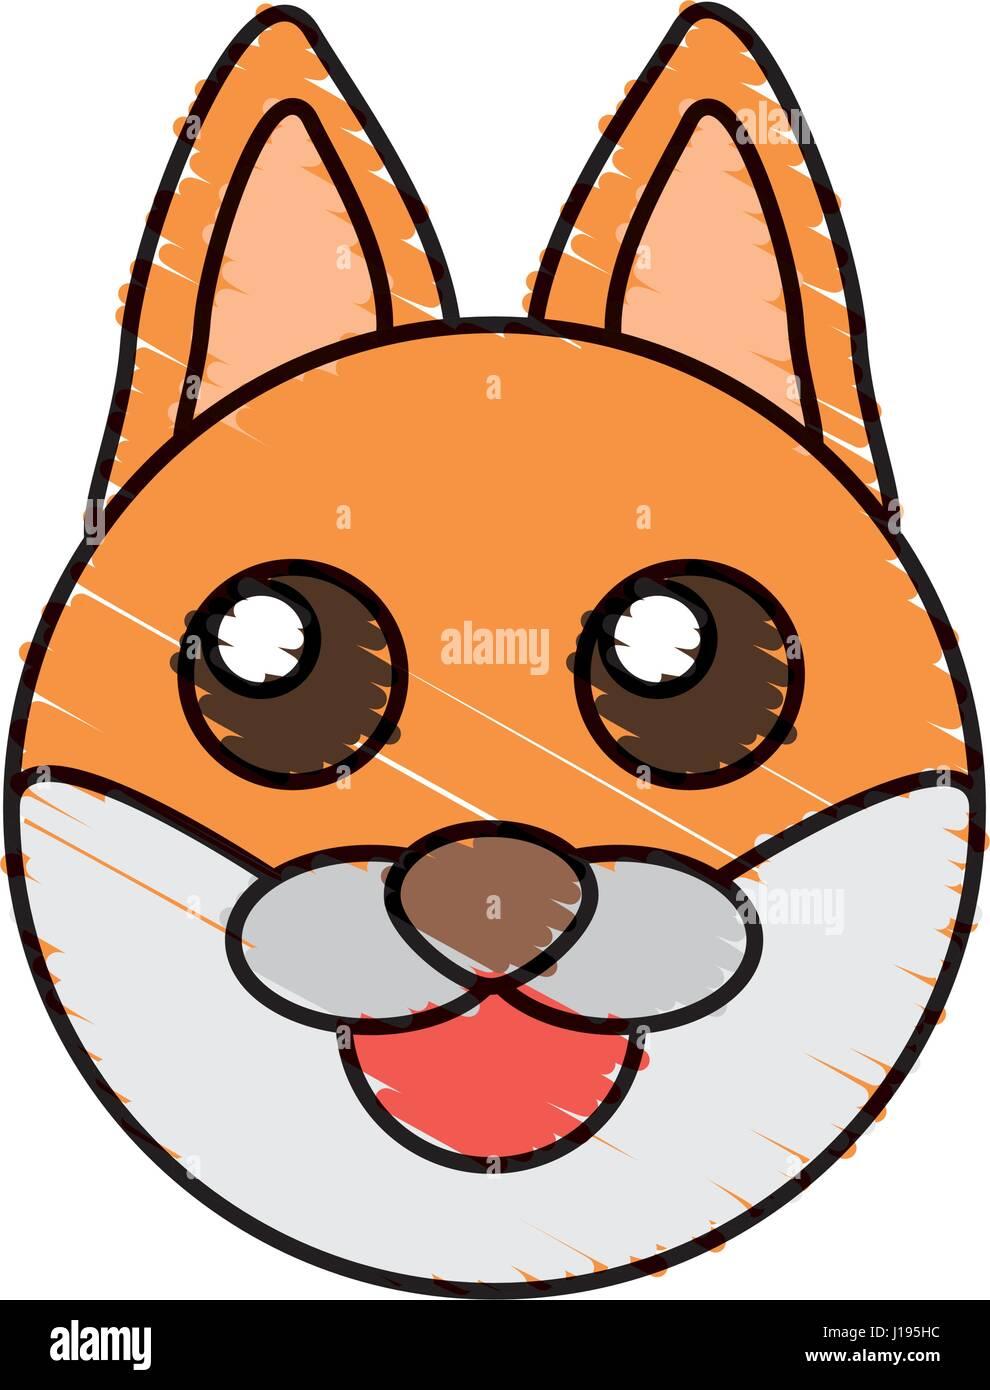 Cute Fox Drawing Animal Stock Vector Art Illustration Vector